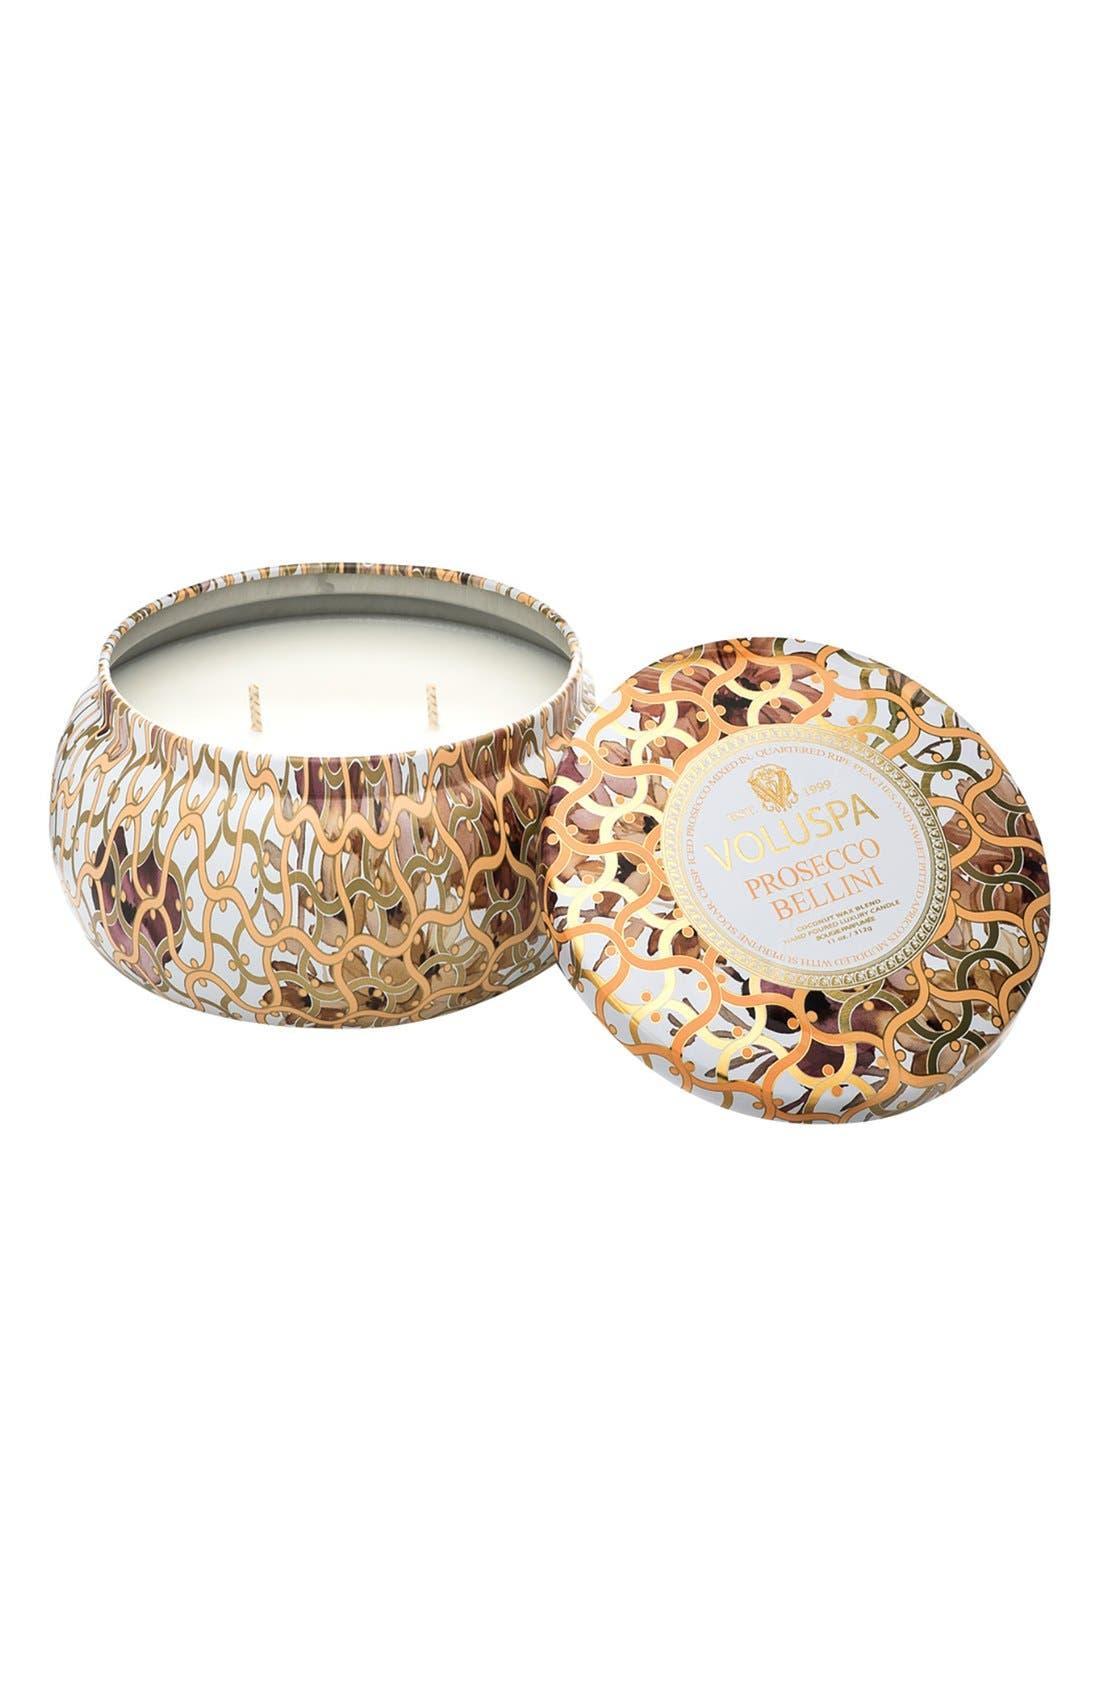 Maison Blanc Prosecco Bellini Maison Metallo 2-Wick Candle,                         Main,                         color, Prosecco Bellini